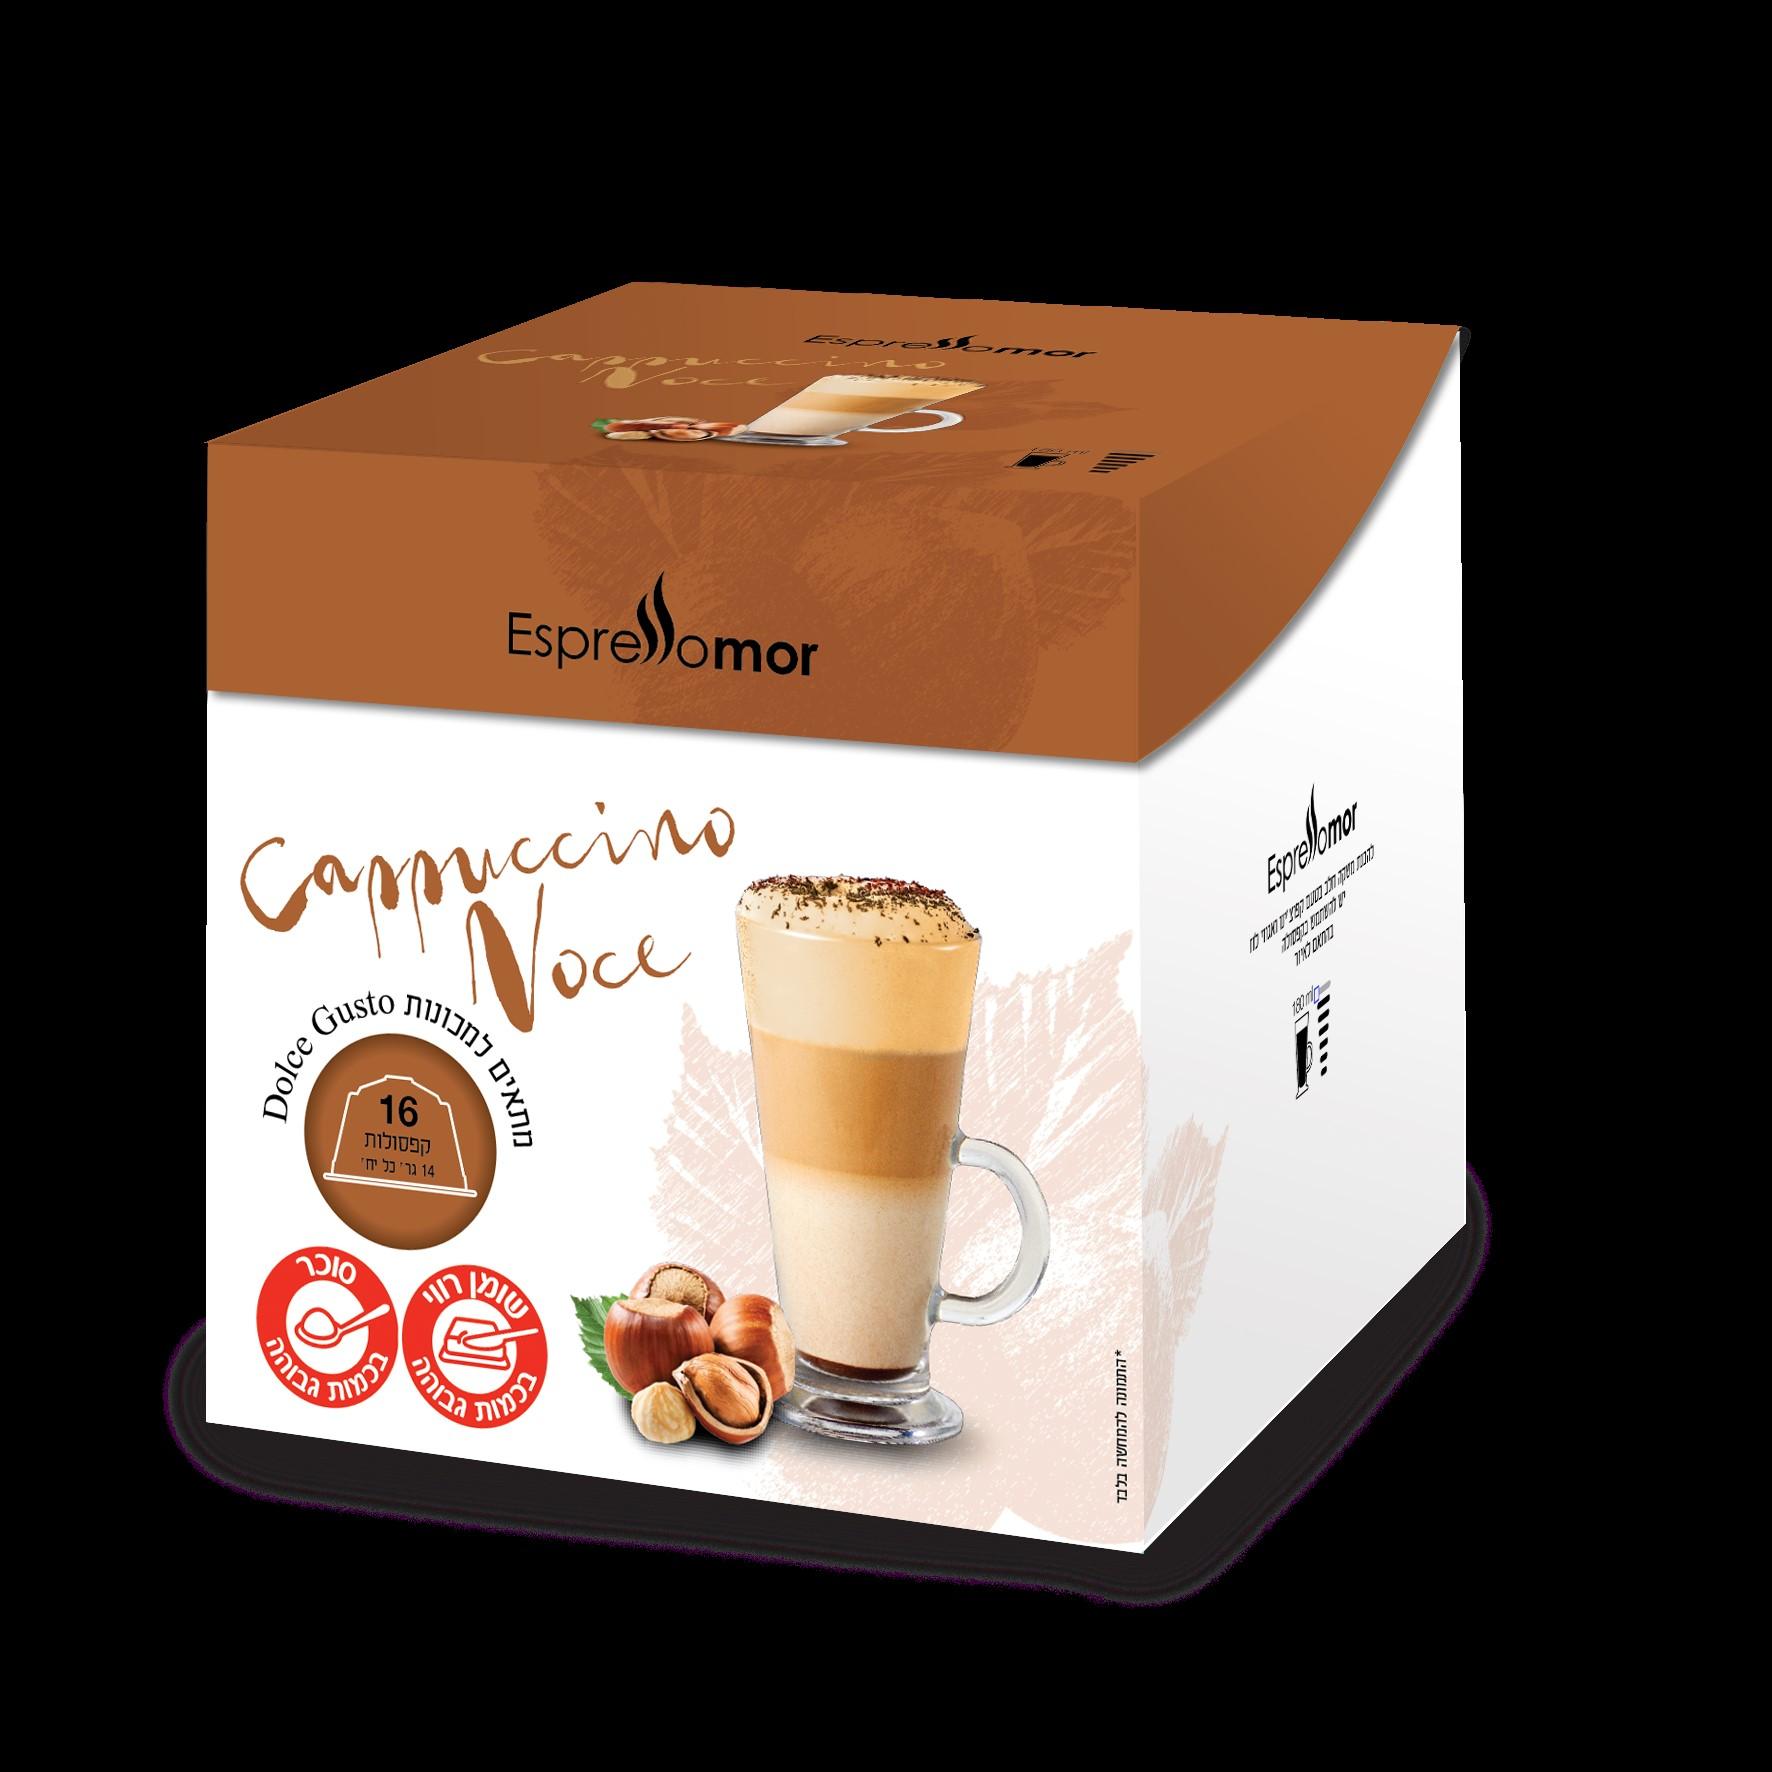 16 קפסולות תואמות דולצה גוסטו קפוצ'ינו אגוז לוז Espressomor Cappuccino Noce